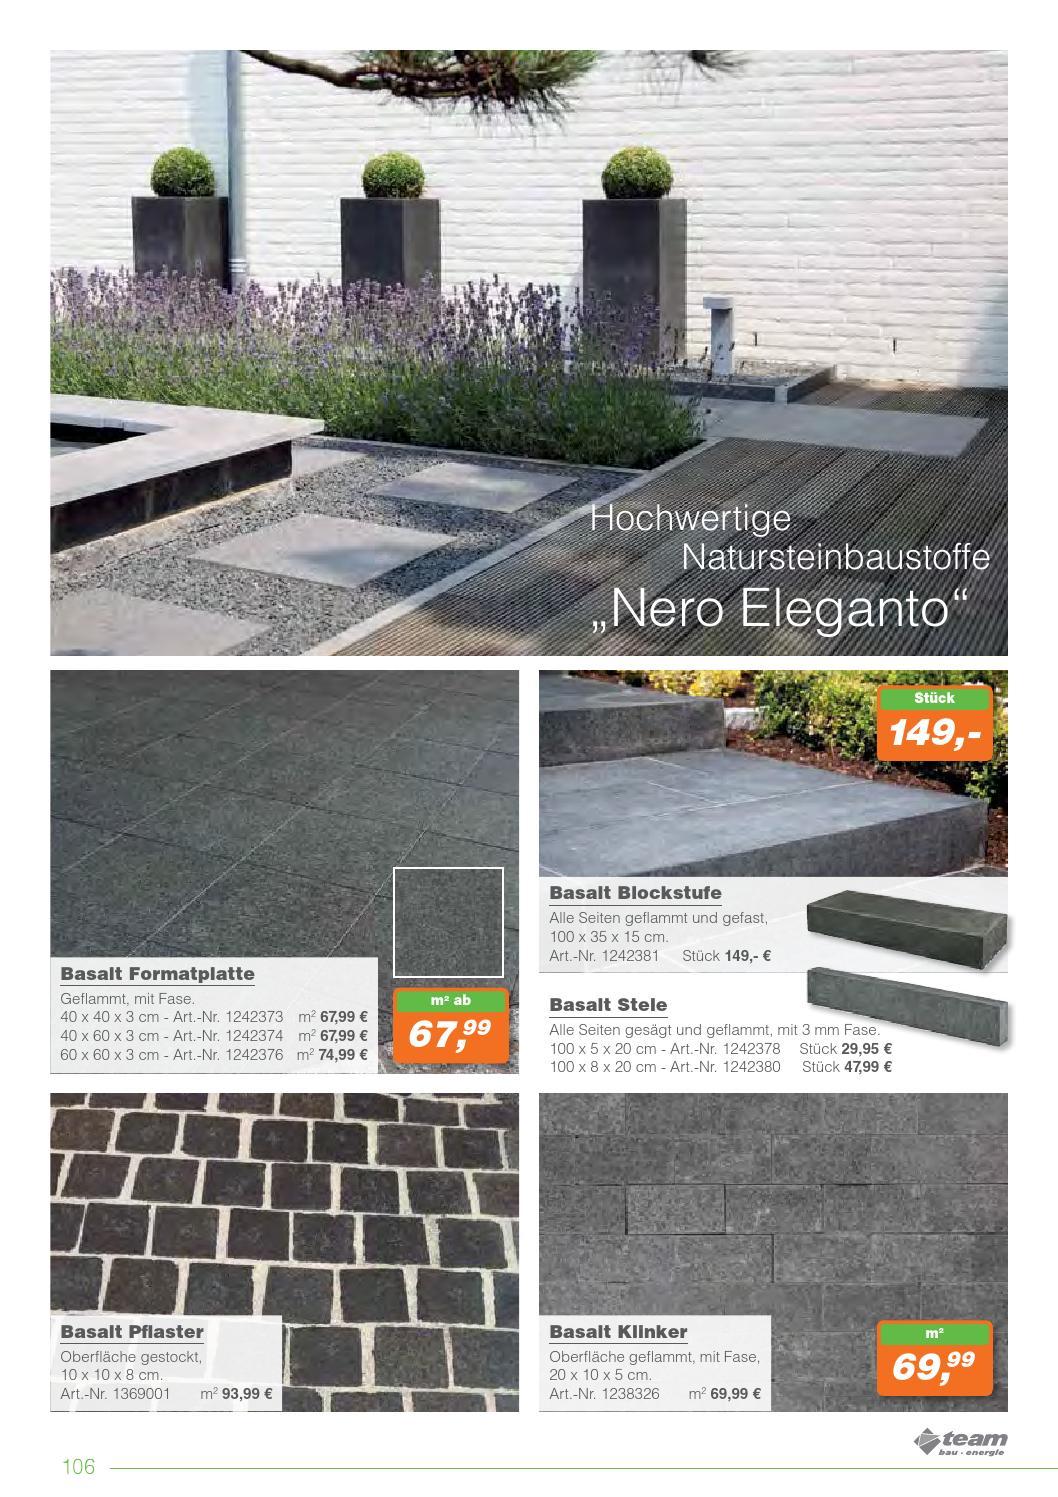 Mein Garten By New Media Works Issuu - Betonpflaster 40x40